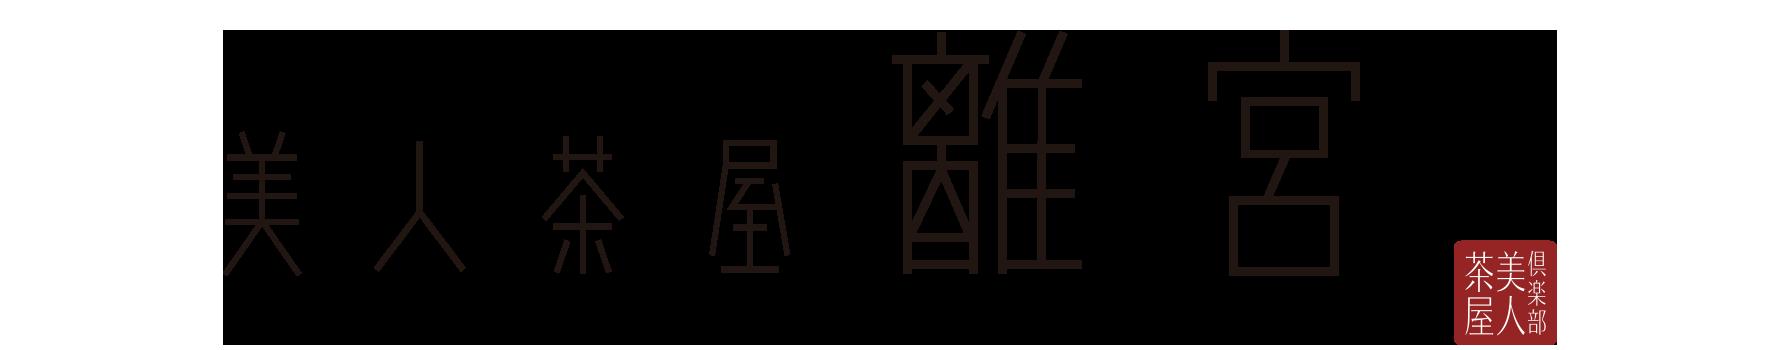 美人茶屋 離宮~ソムリエ急募~【ビジンチャヤ リキュウ】(六本木)のロゴ